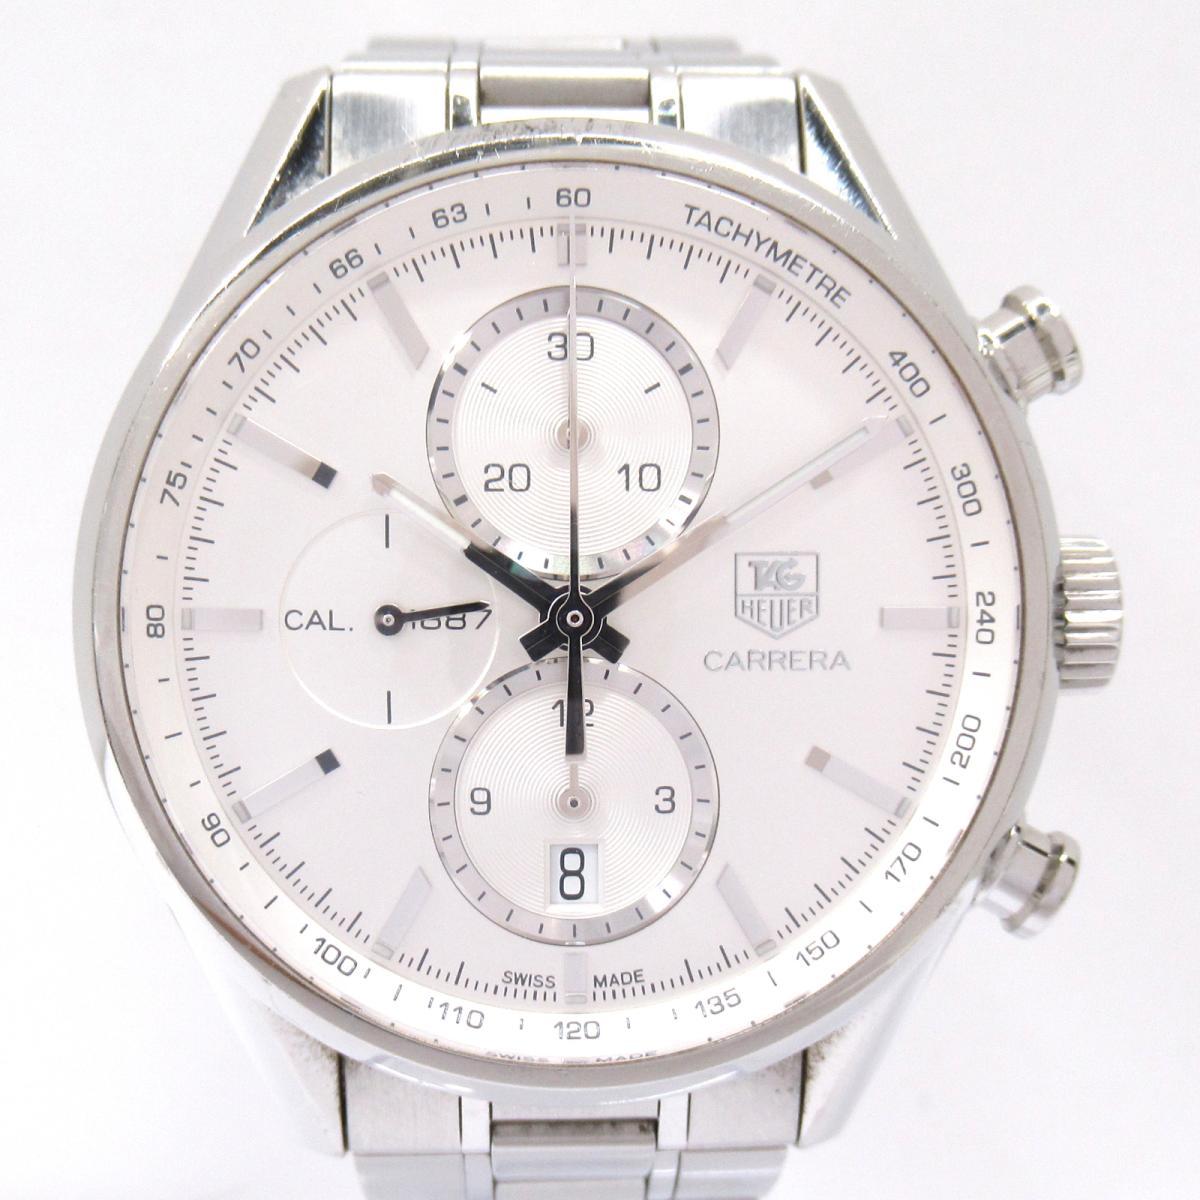 【中古】タグ・ホイヤー カレラ クロノグラフ 腕時計 ウォッチ メンズ ステンレススチール (SS) (RAR8190) | TAG HEUER BRANDOFF ブランドオフ ブランド ブランド時計 ブランド腕時計 時計